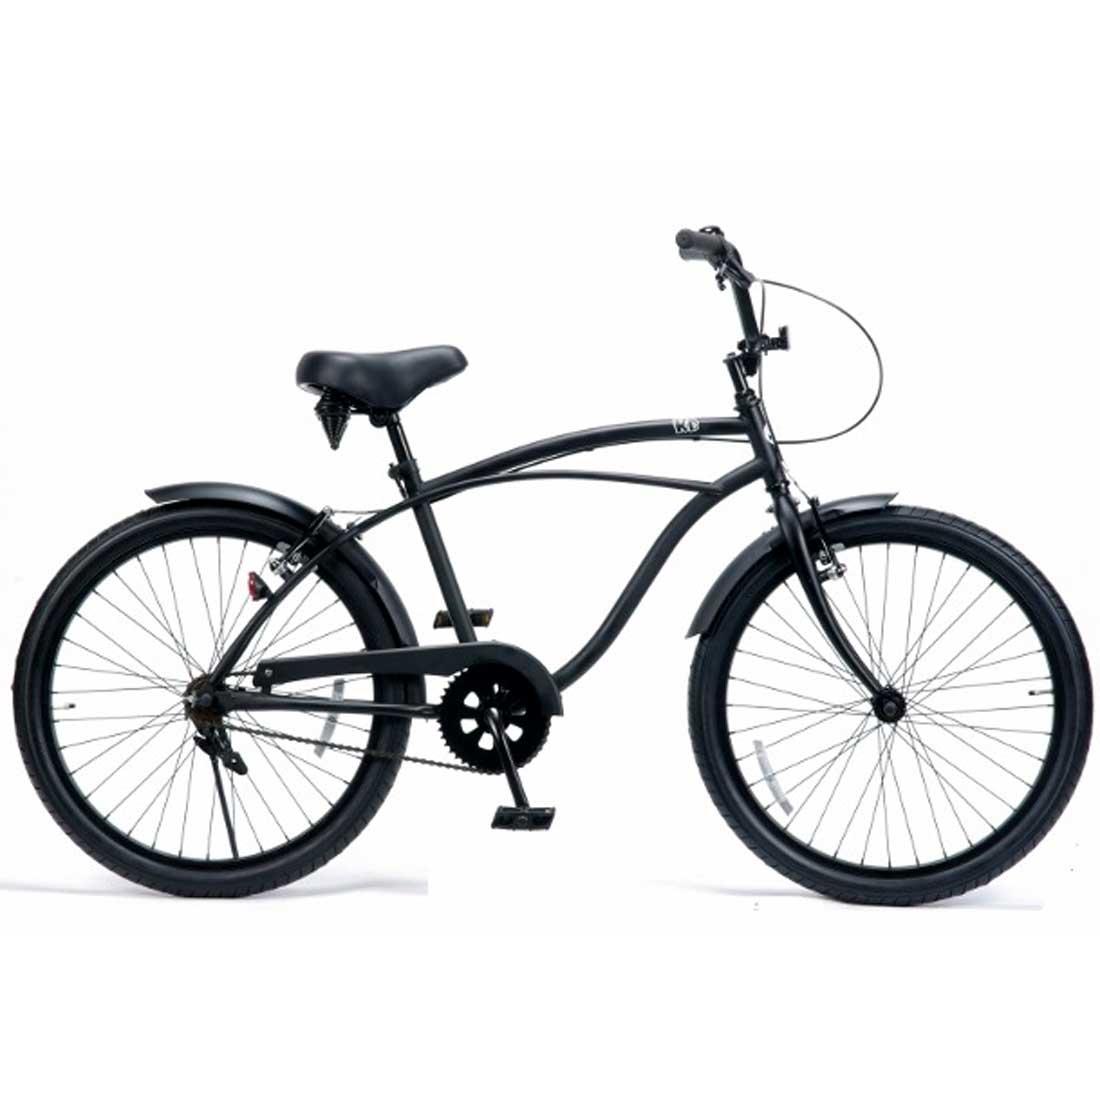 ビーチクルーザー 24インチ おしゃれ 自転車 通勤 通学 レインボービーチクルーザー 24KB-1SPEED マットブラック メンズ レディース ジュニア